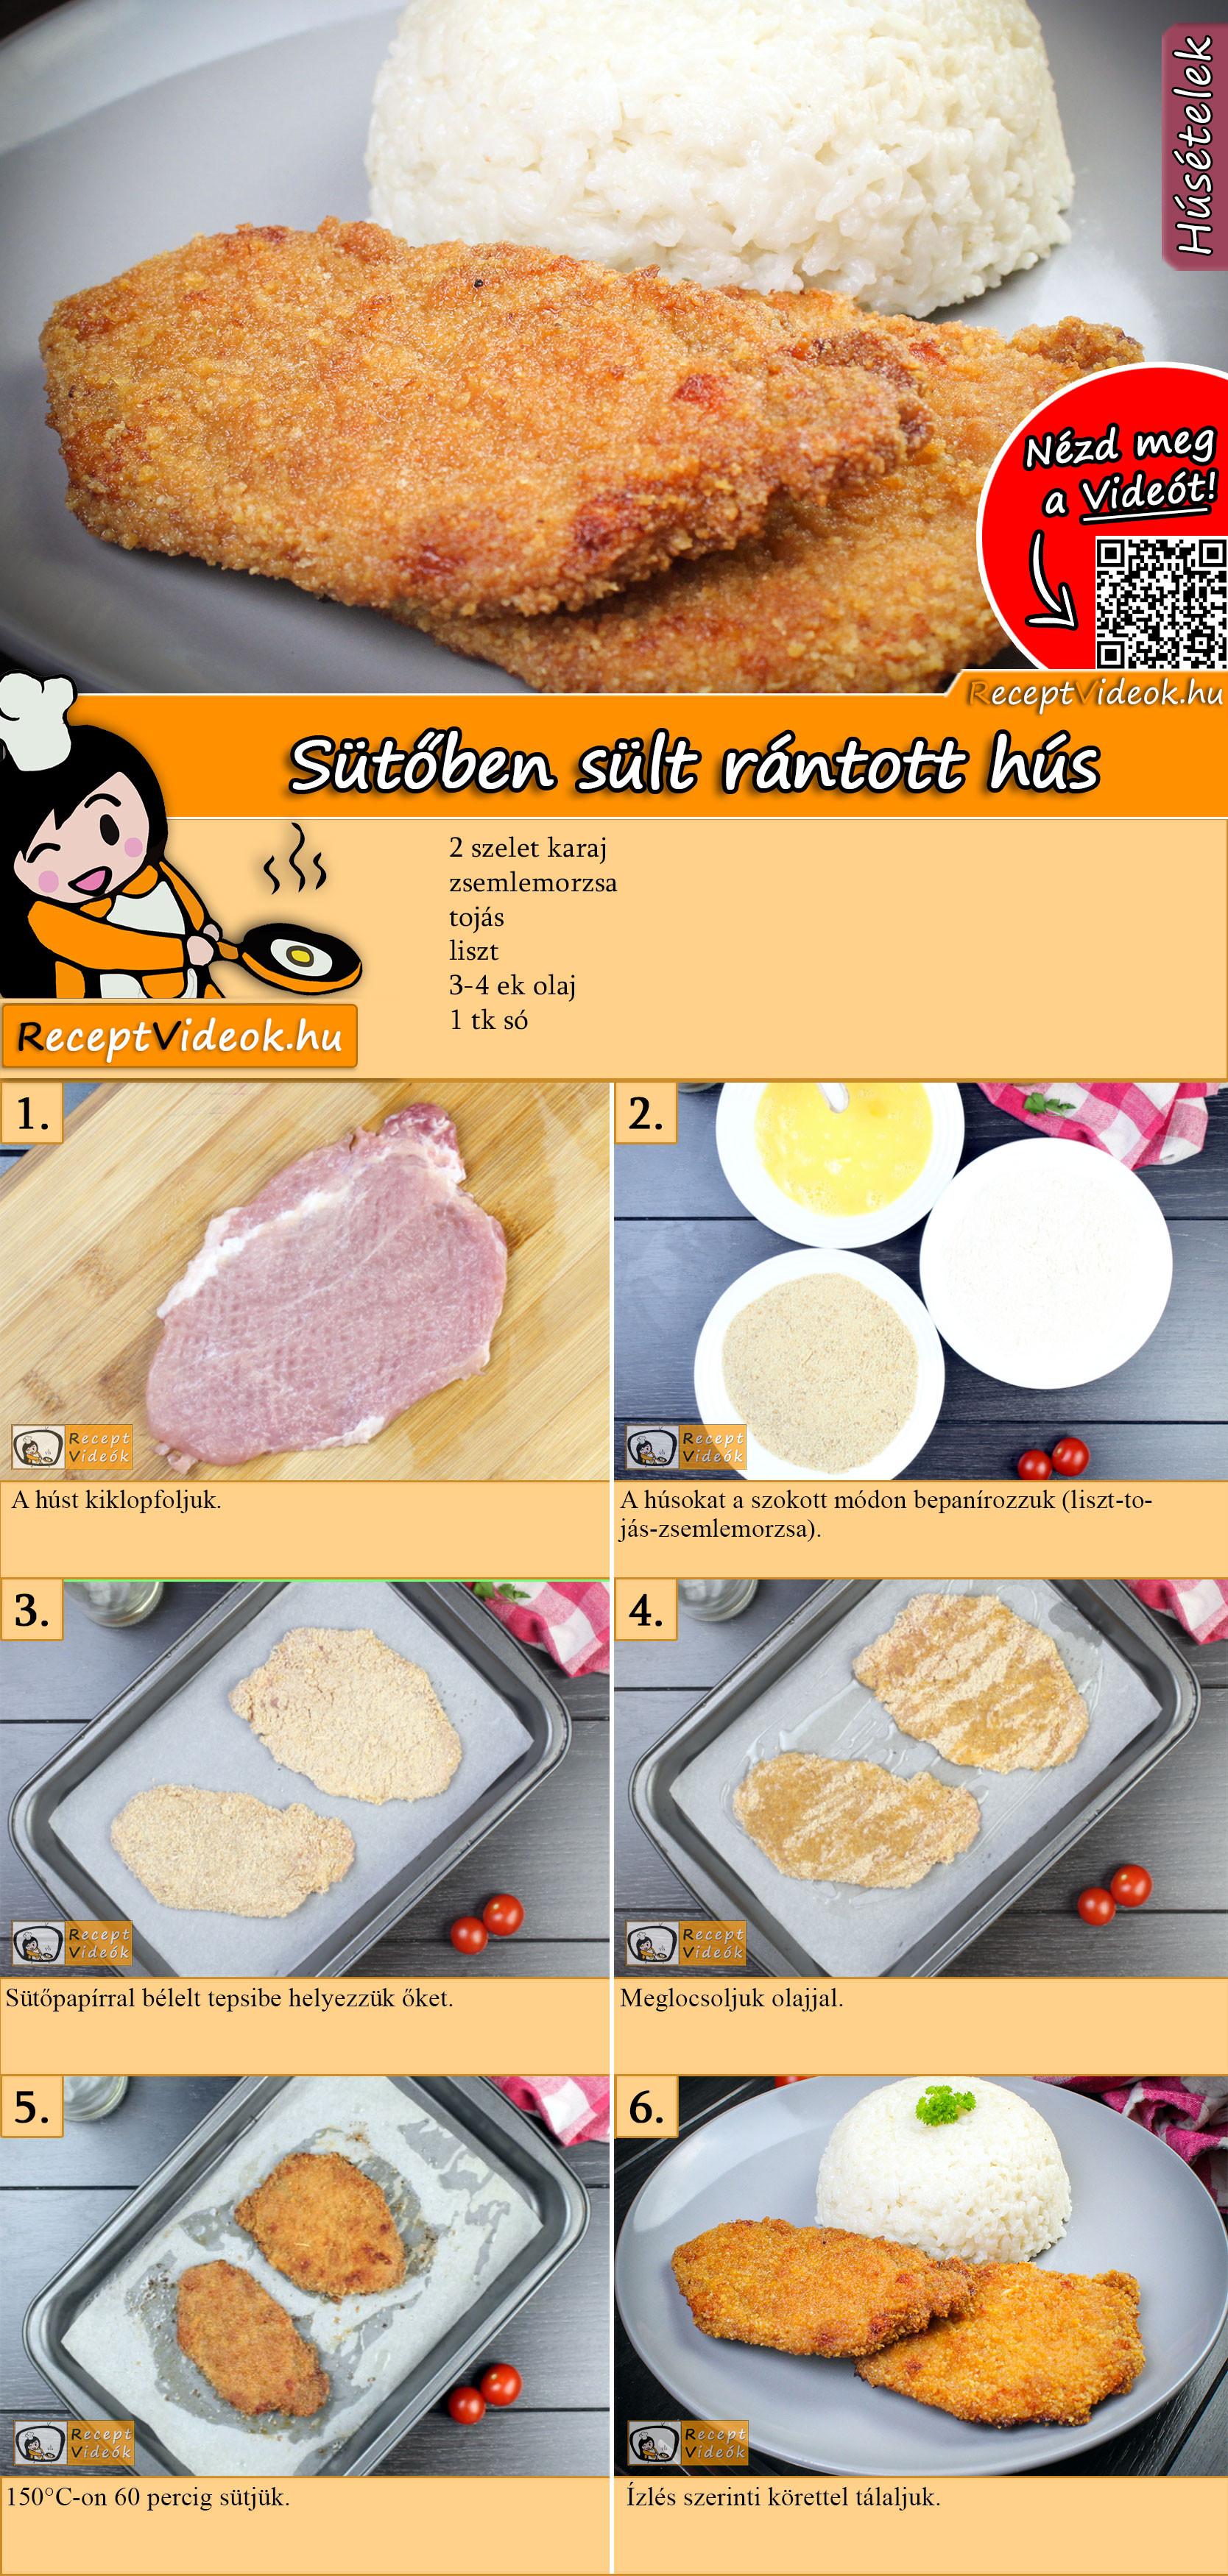 Sütőben sült rántott hús recept elkészítése videóval